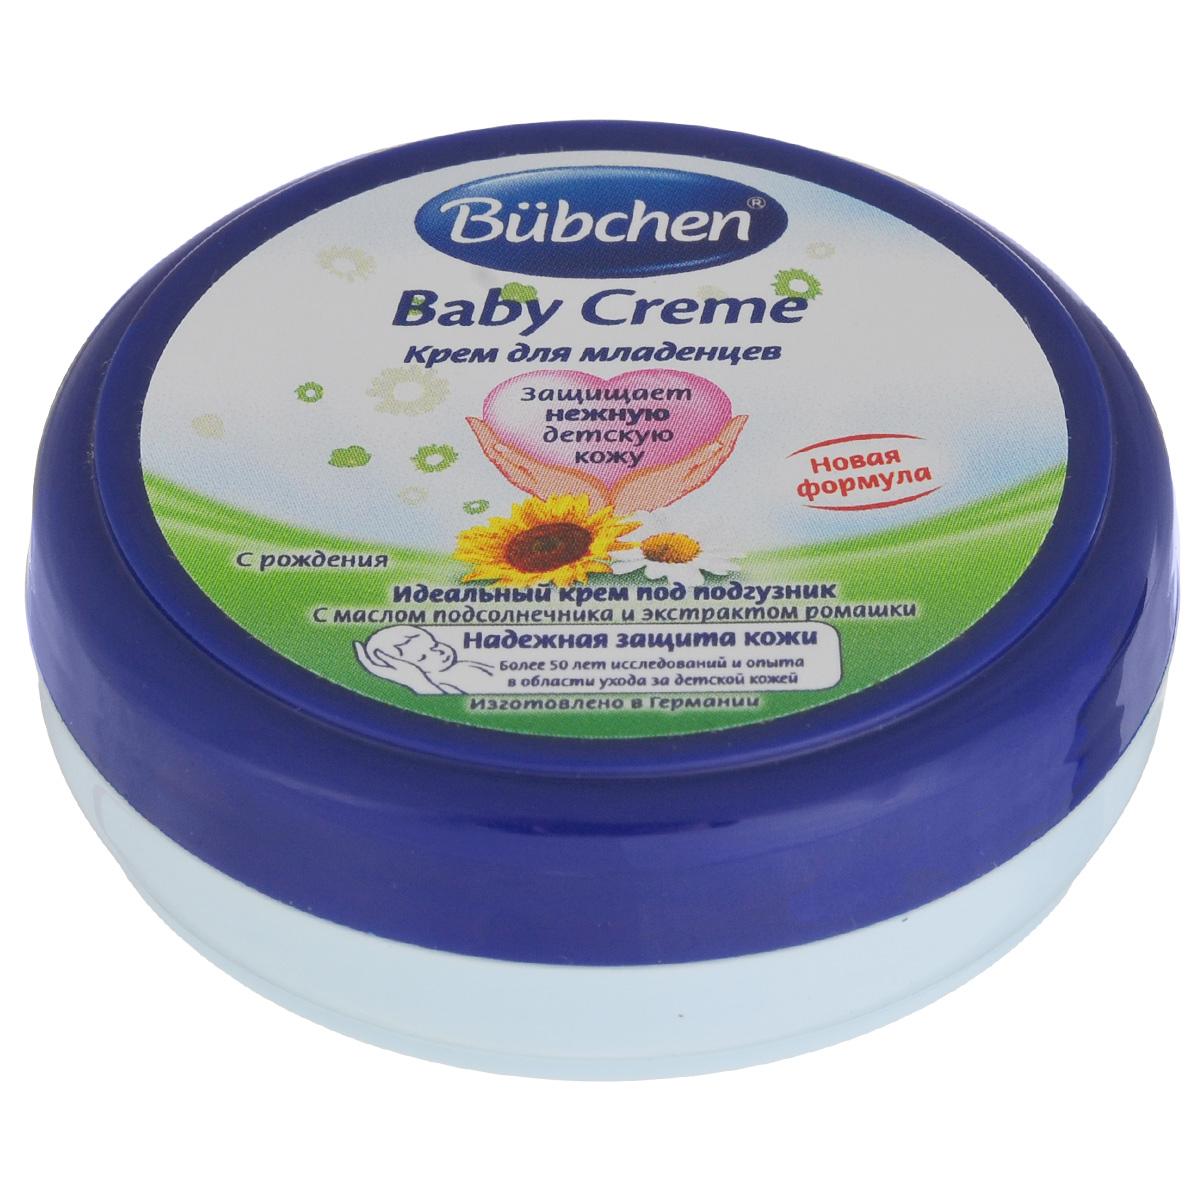 BubchenКрем под подгузник, с маслом подсолнечника и экстрактом ромашки, 20 мл Bubchen